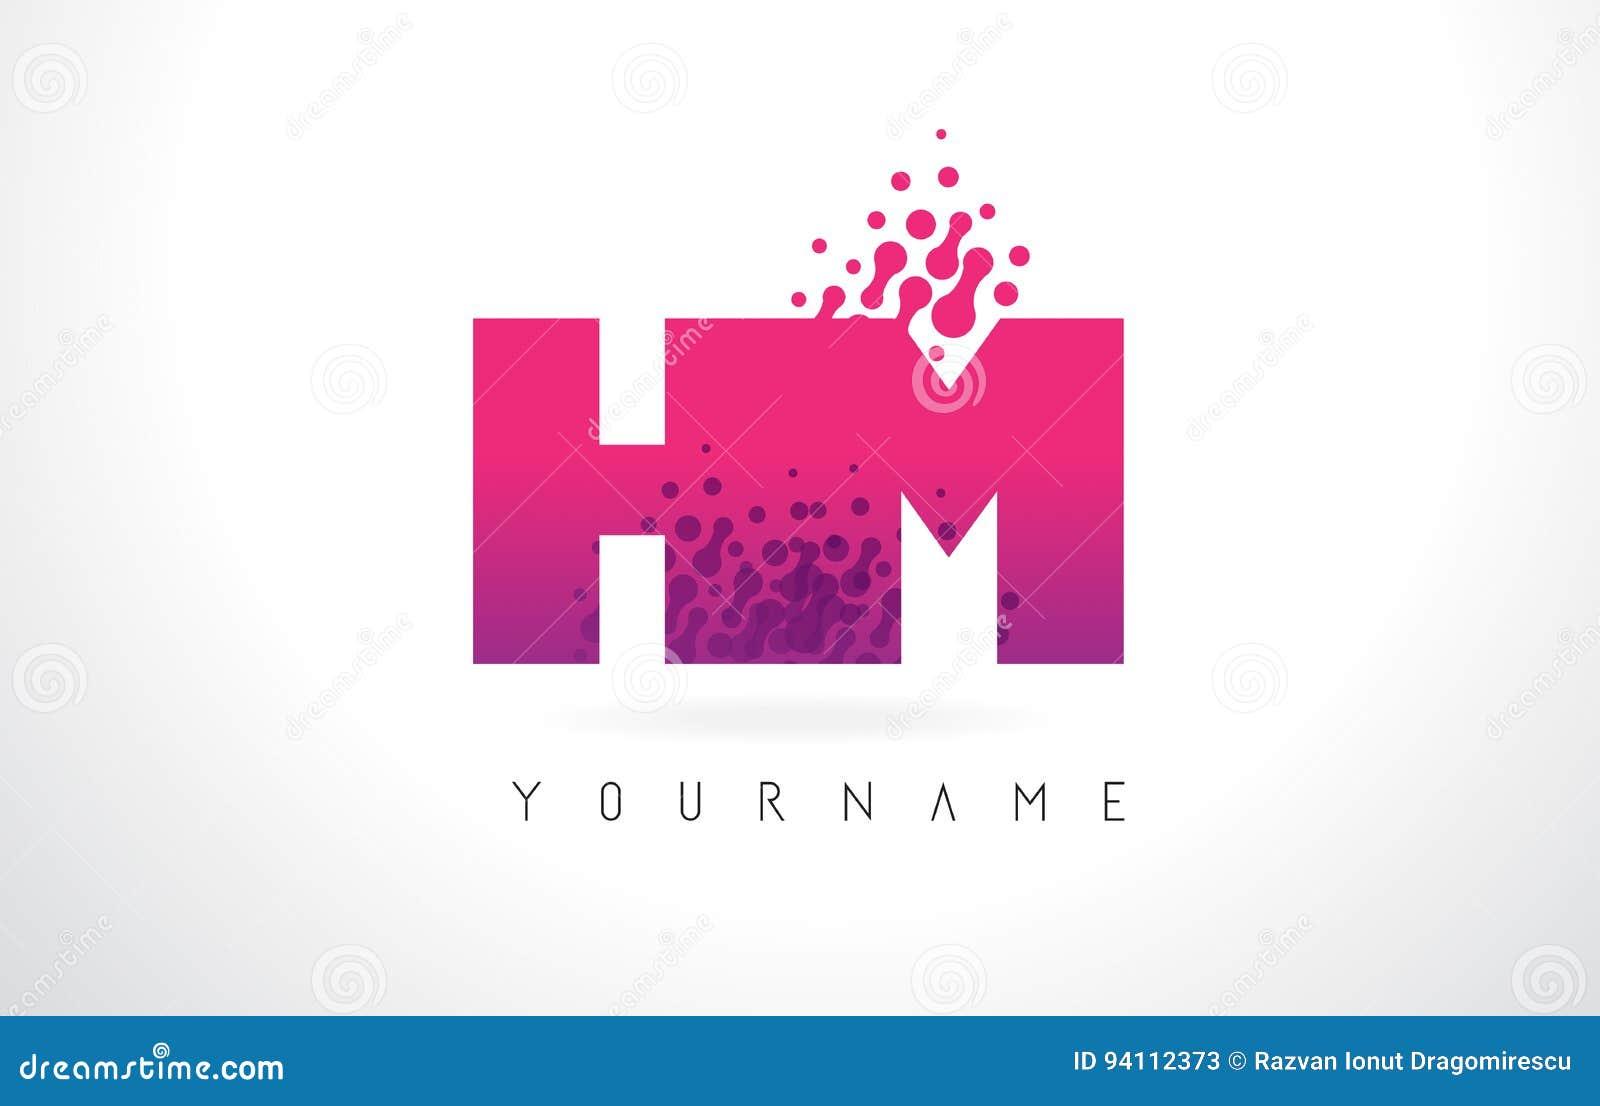 HM H M Letter Logo With Pink Purple Color And Particles Dots Des ...